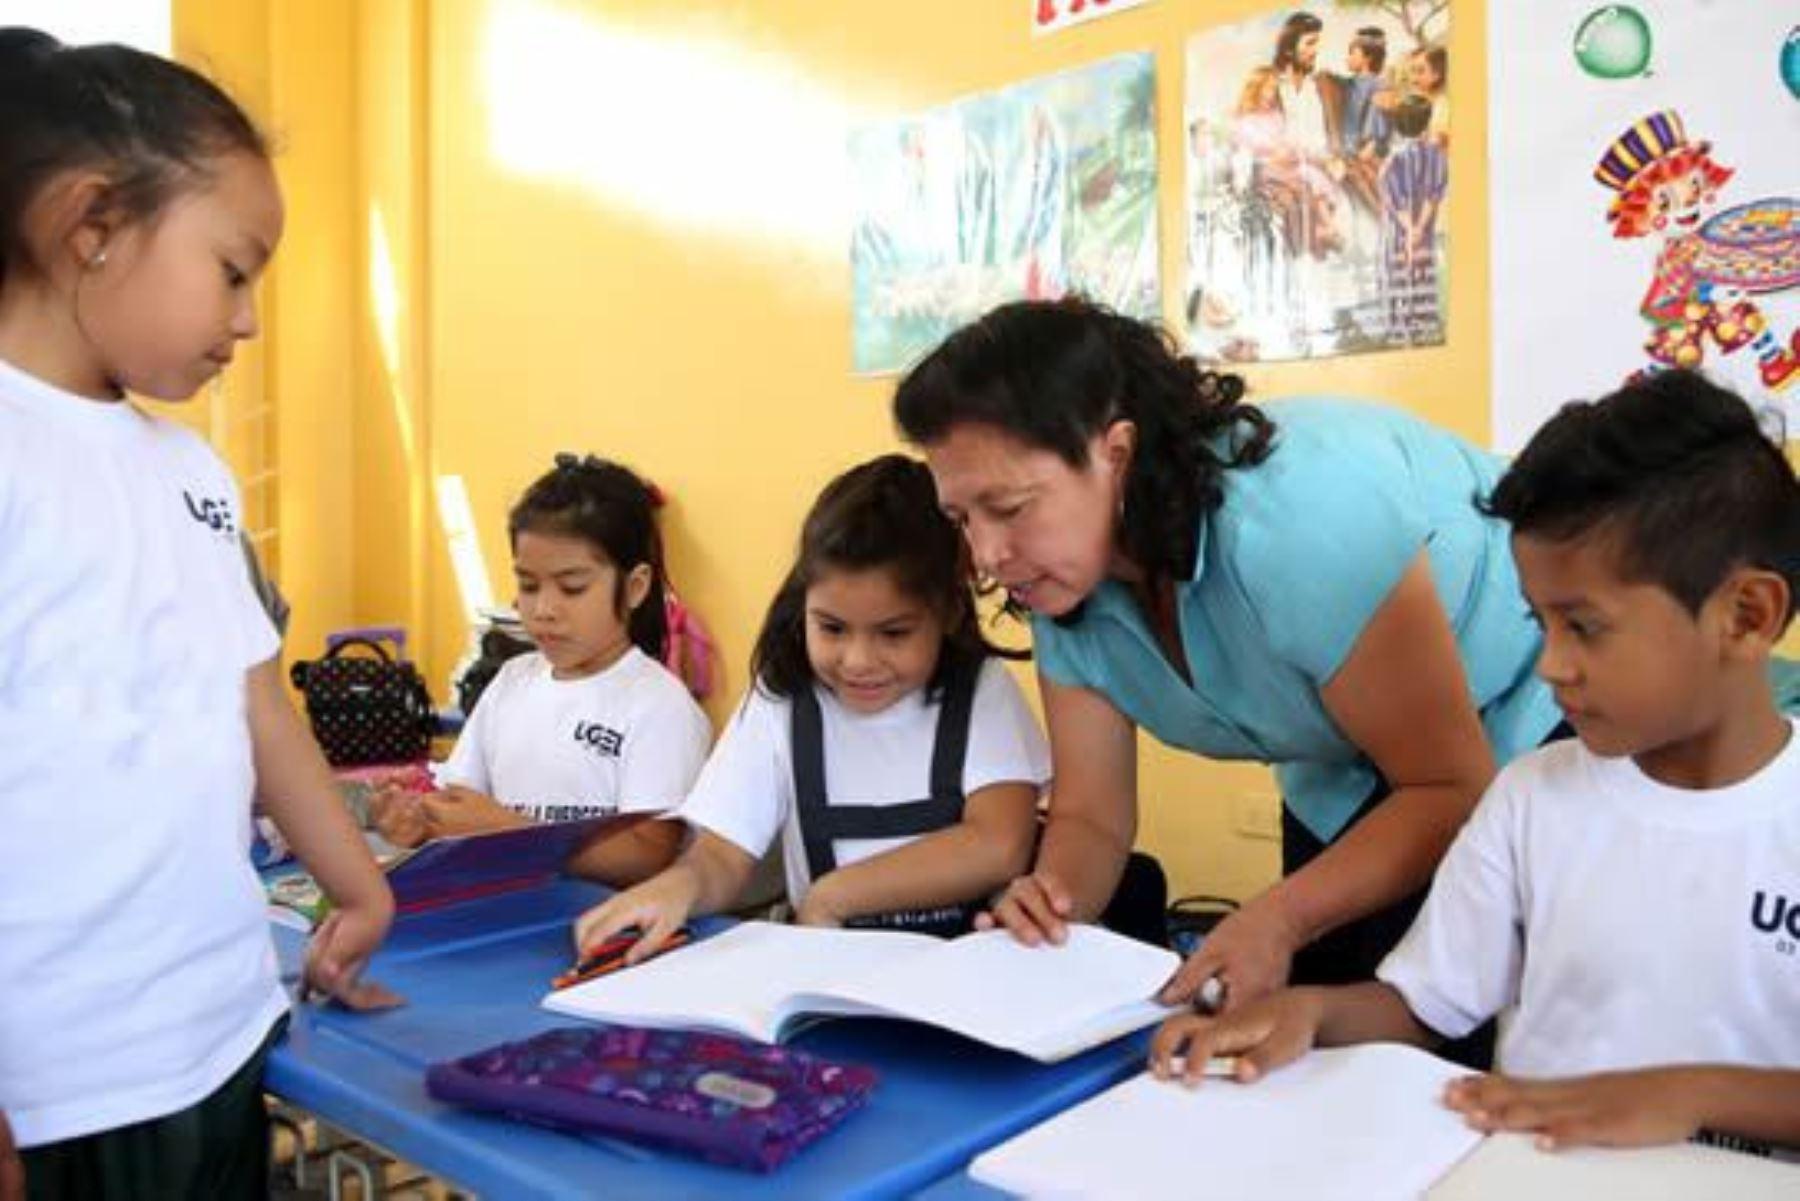 Docente en plena labor de dictado de clases. Foto: ANDINA/Difusión.